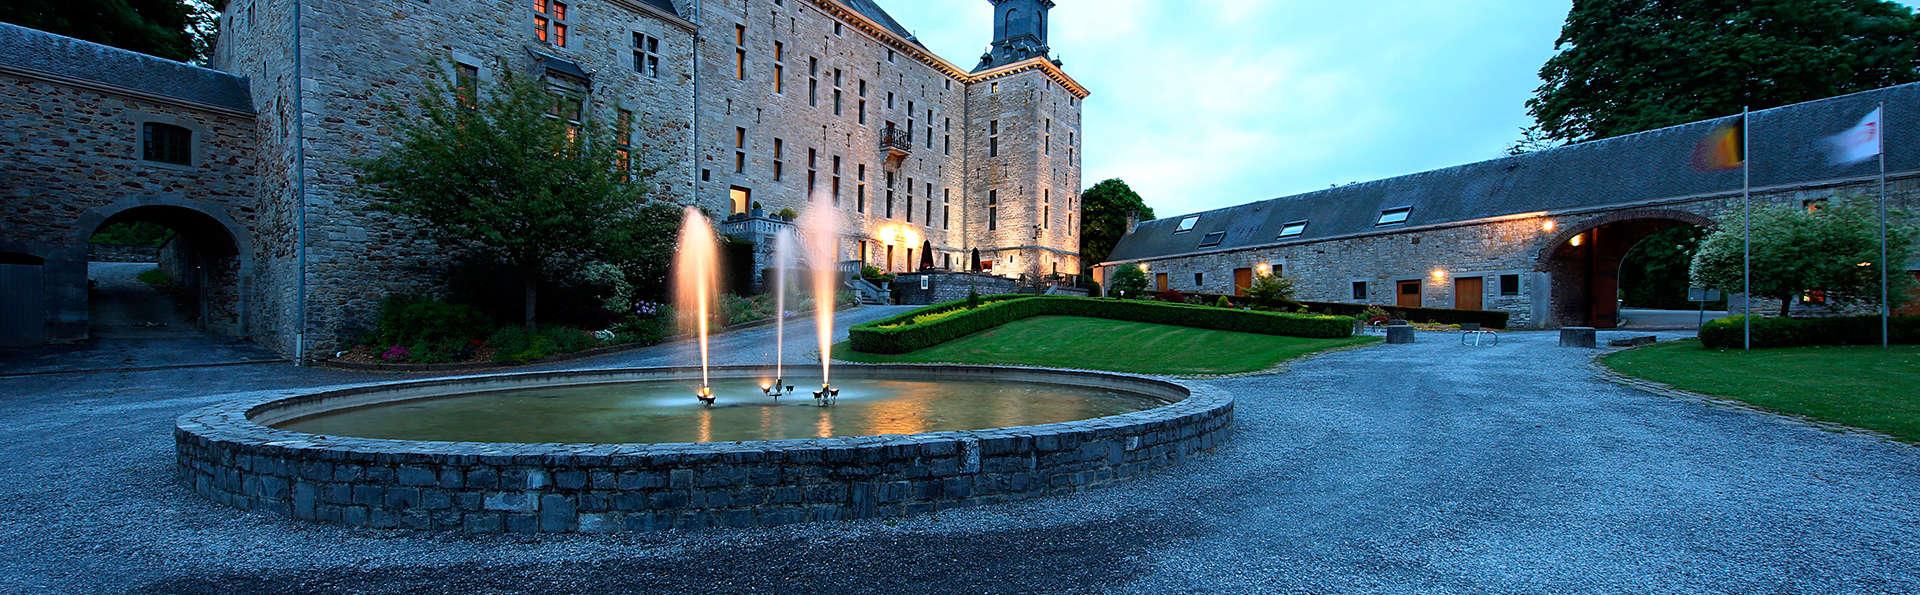 Romantisch weekend met diner en fles cava in kasteel vlakbij Durbuy